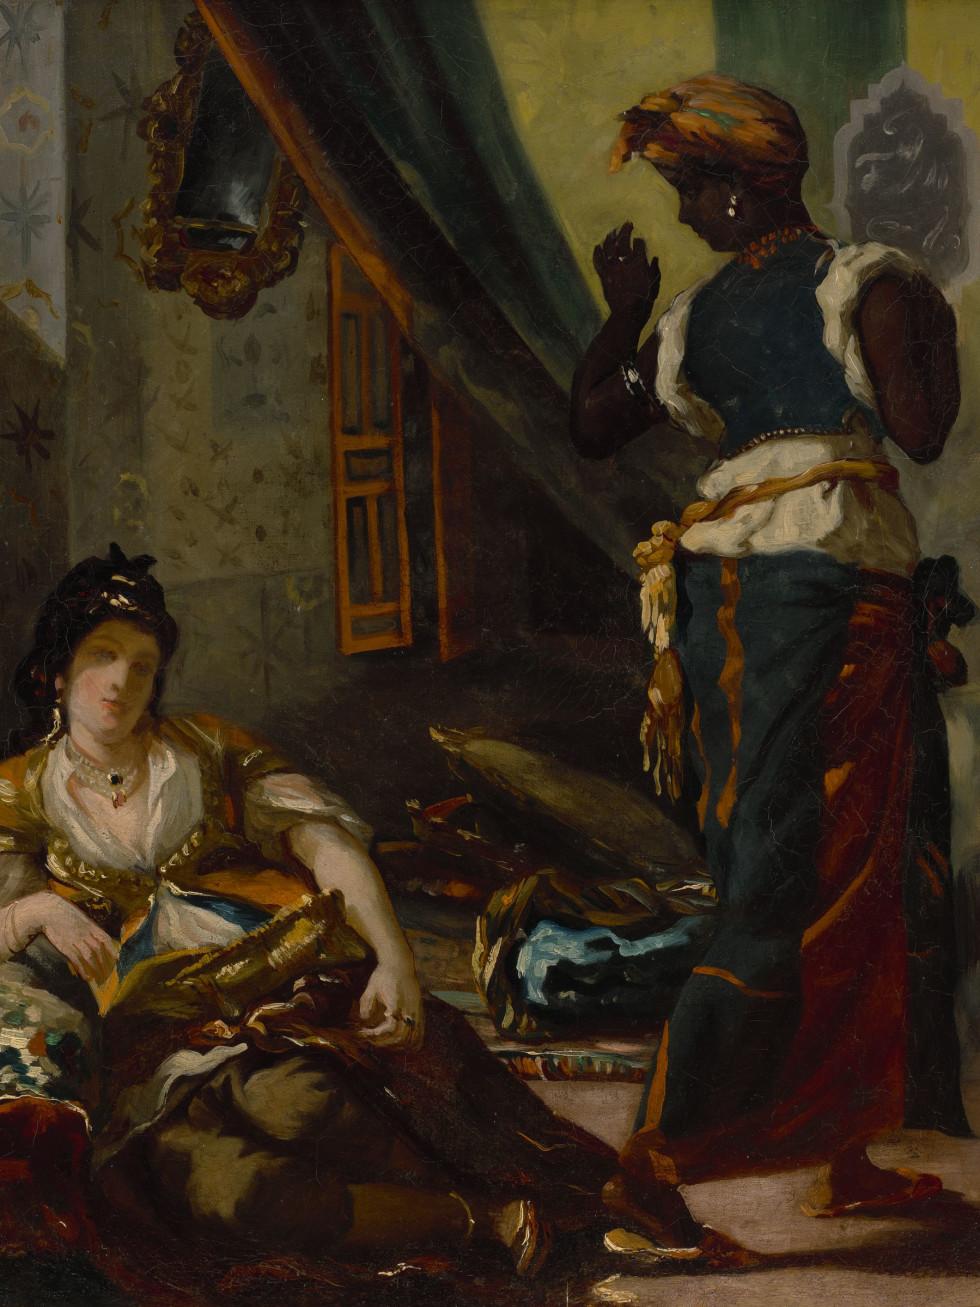 Eugène Delacroix, Women of Algiers in Their Apartment, 1833–34